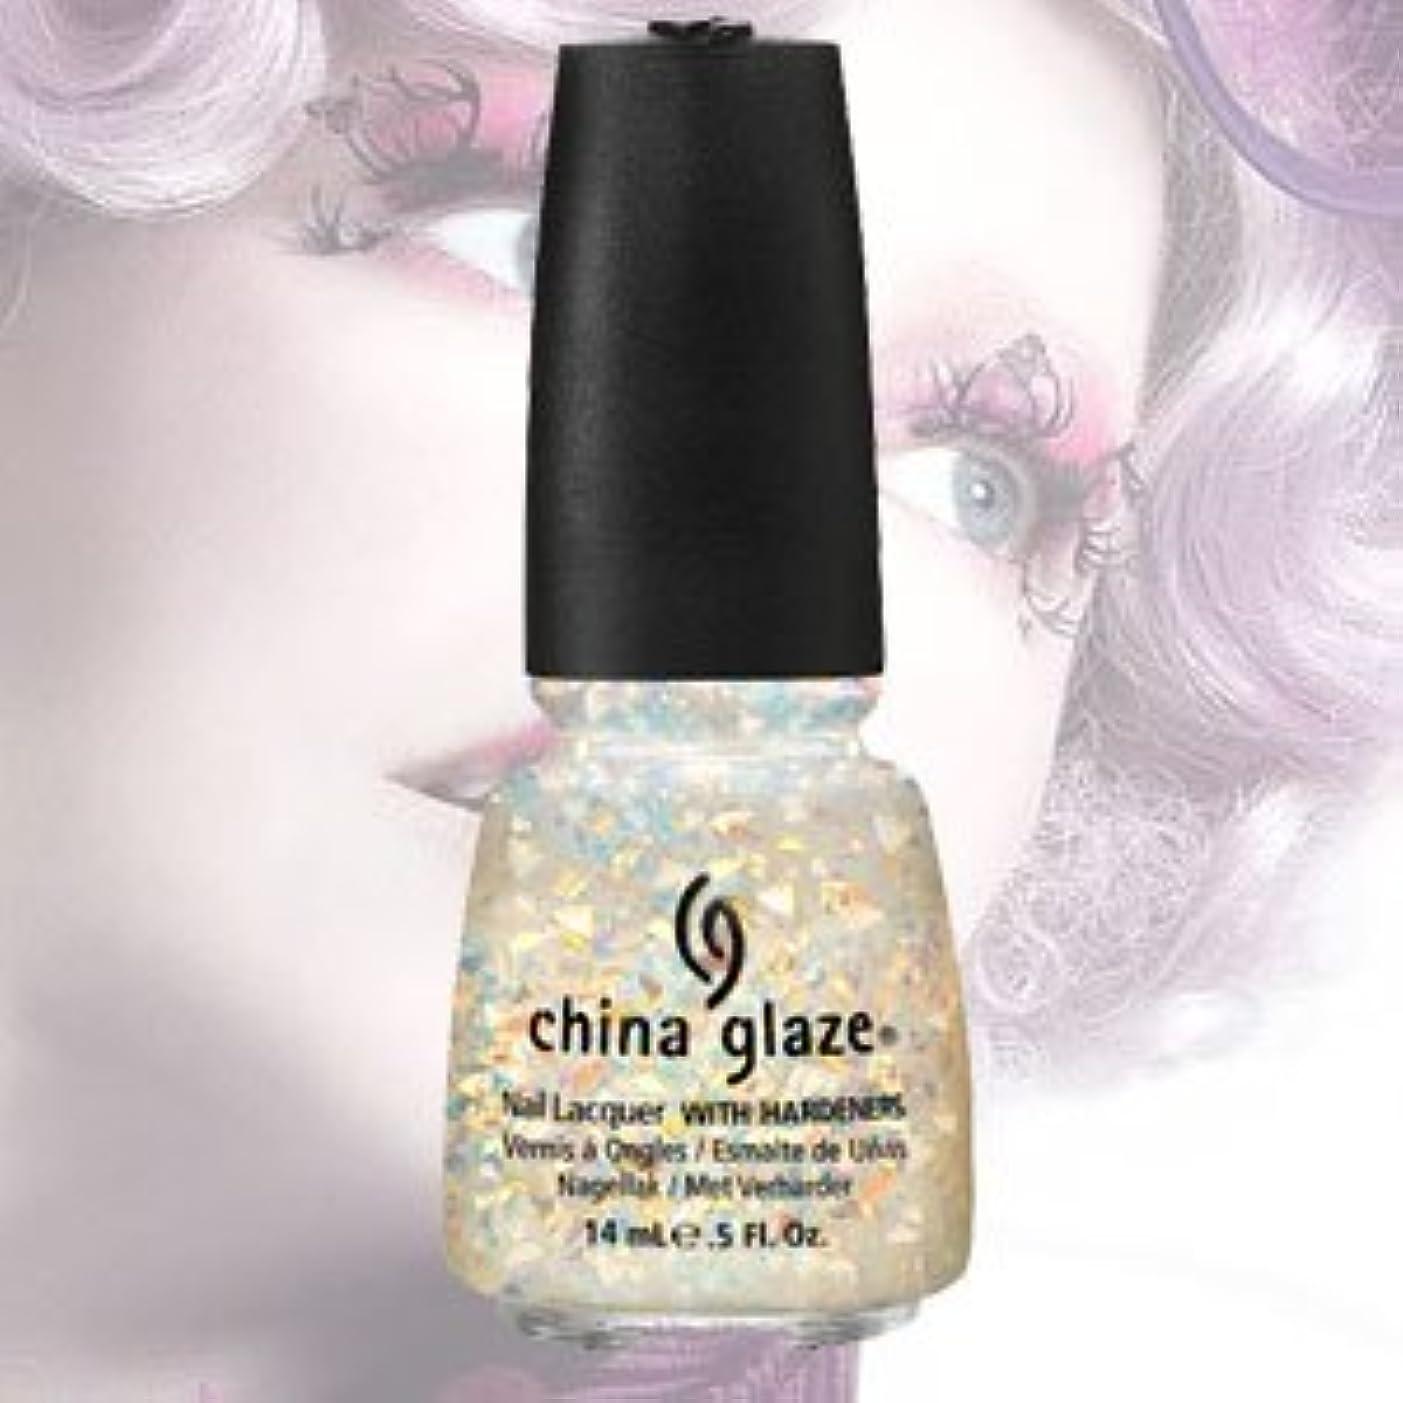 霜起きる放射能(チャイナグレイズ)China Glaze Luxe and LushーCAPITOL COLOURS コレクション [海外直送品][並行輸入品]